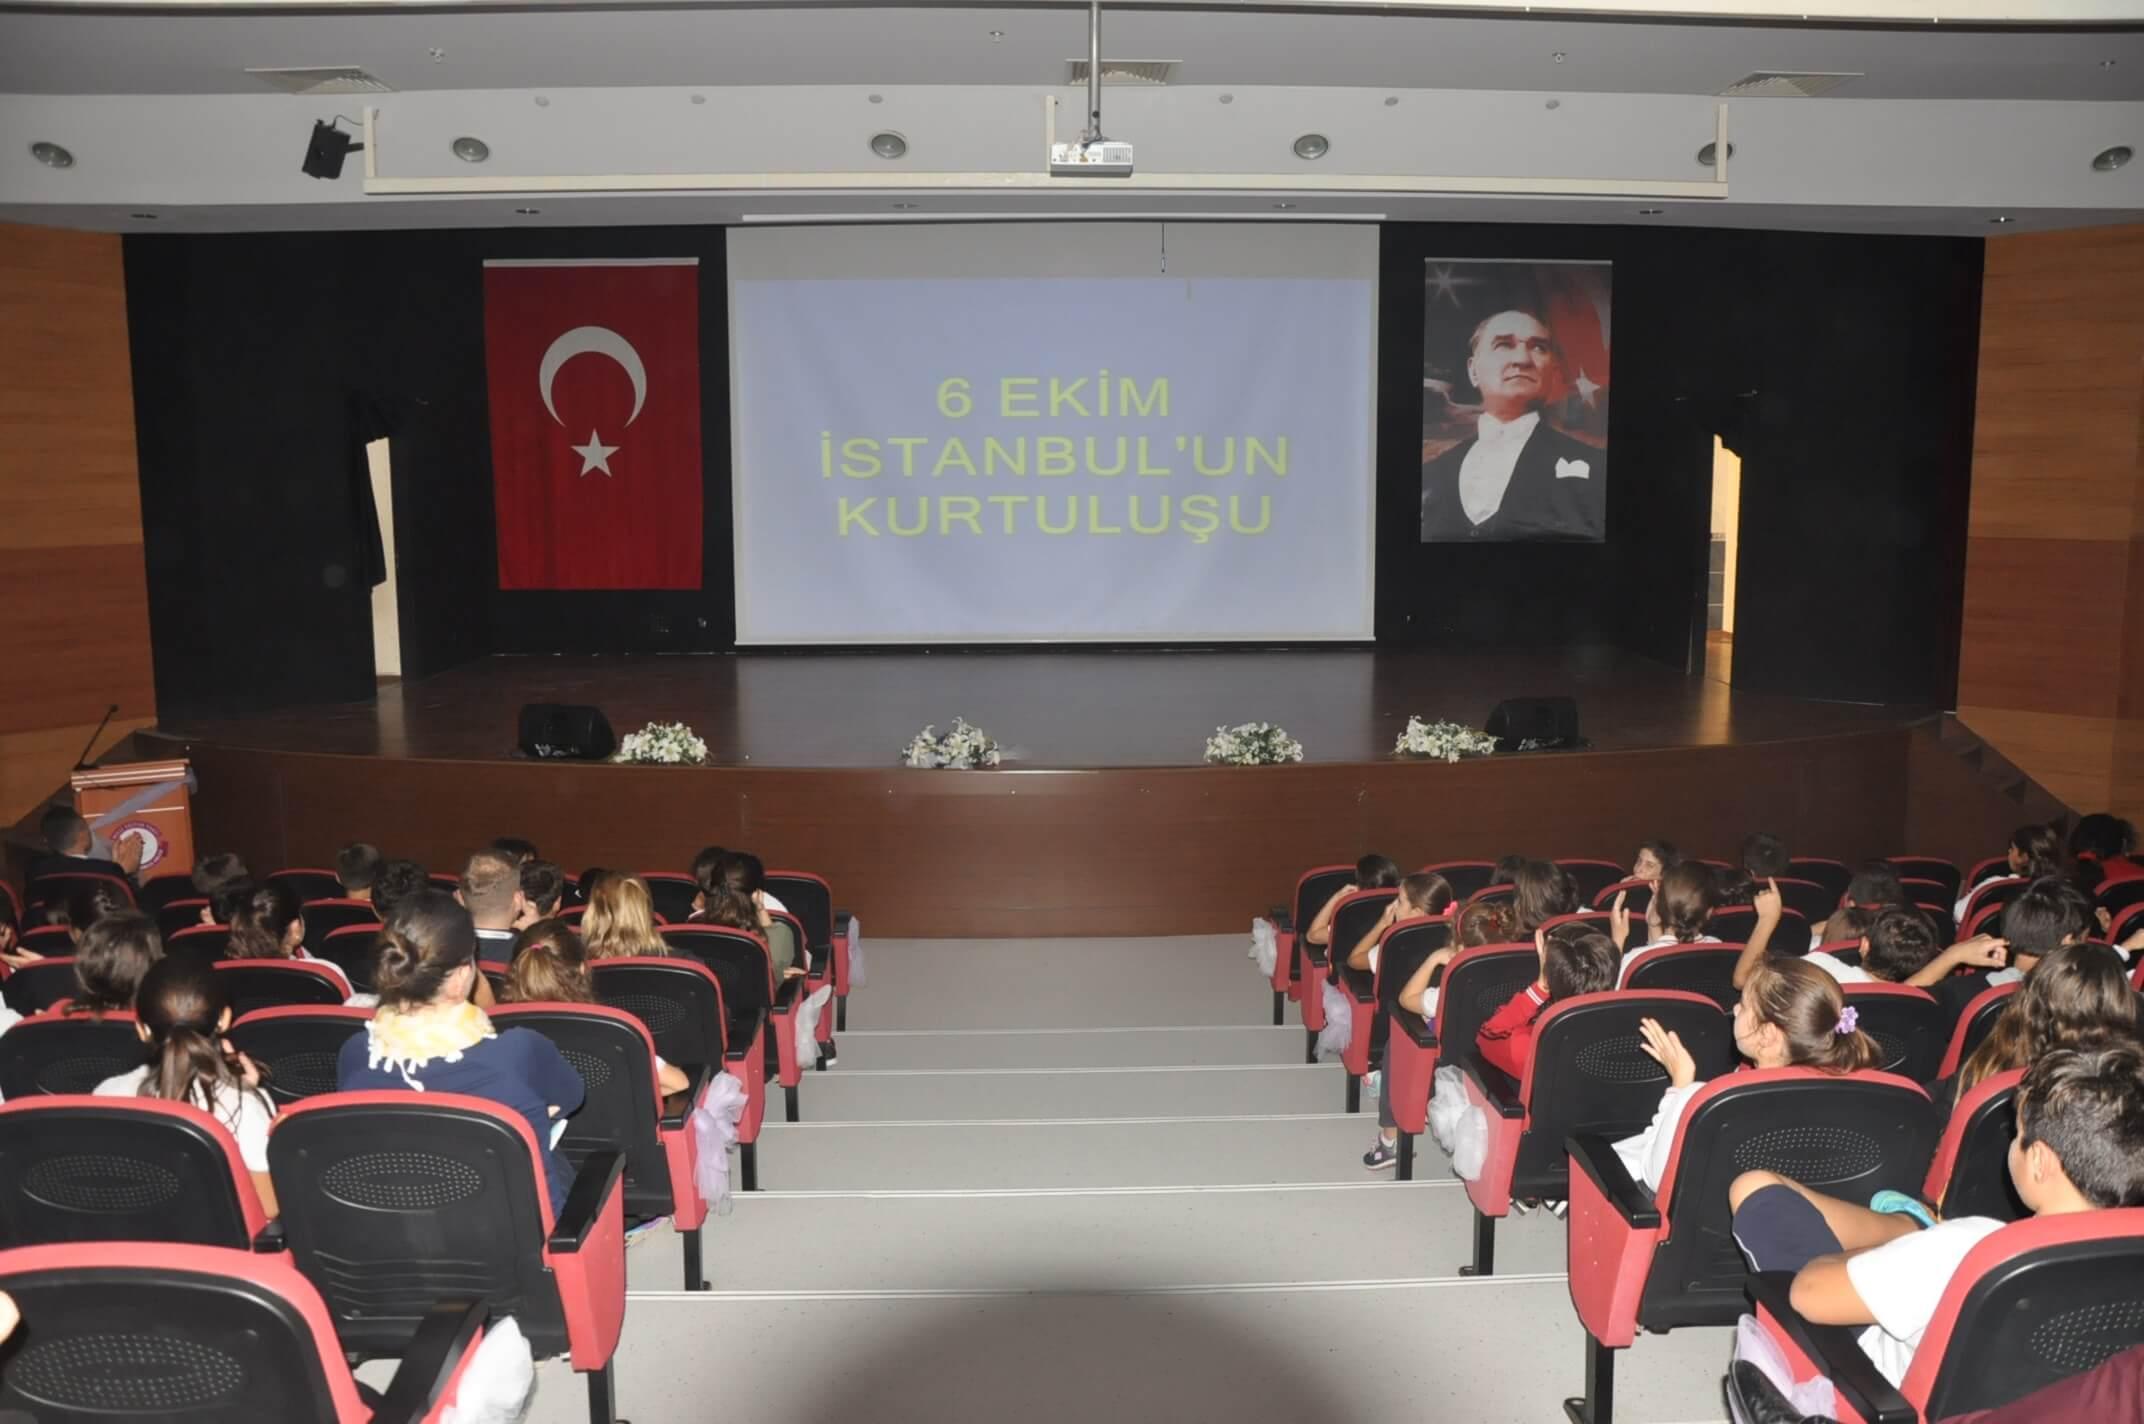 6 Ekim İstanbul'un Kurtuluşunu Coşkuyla Kutladık